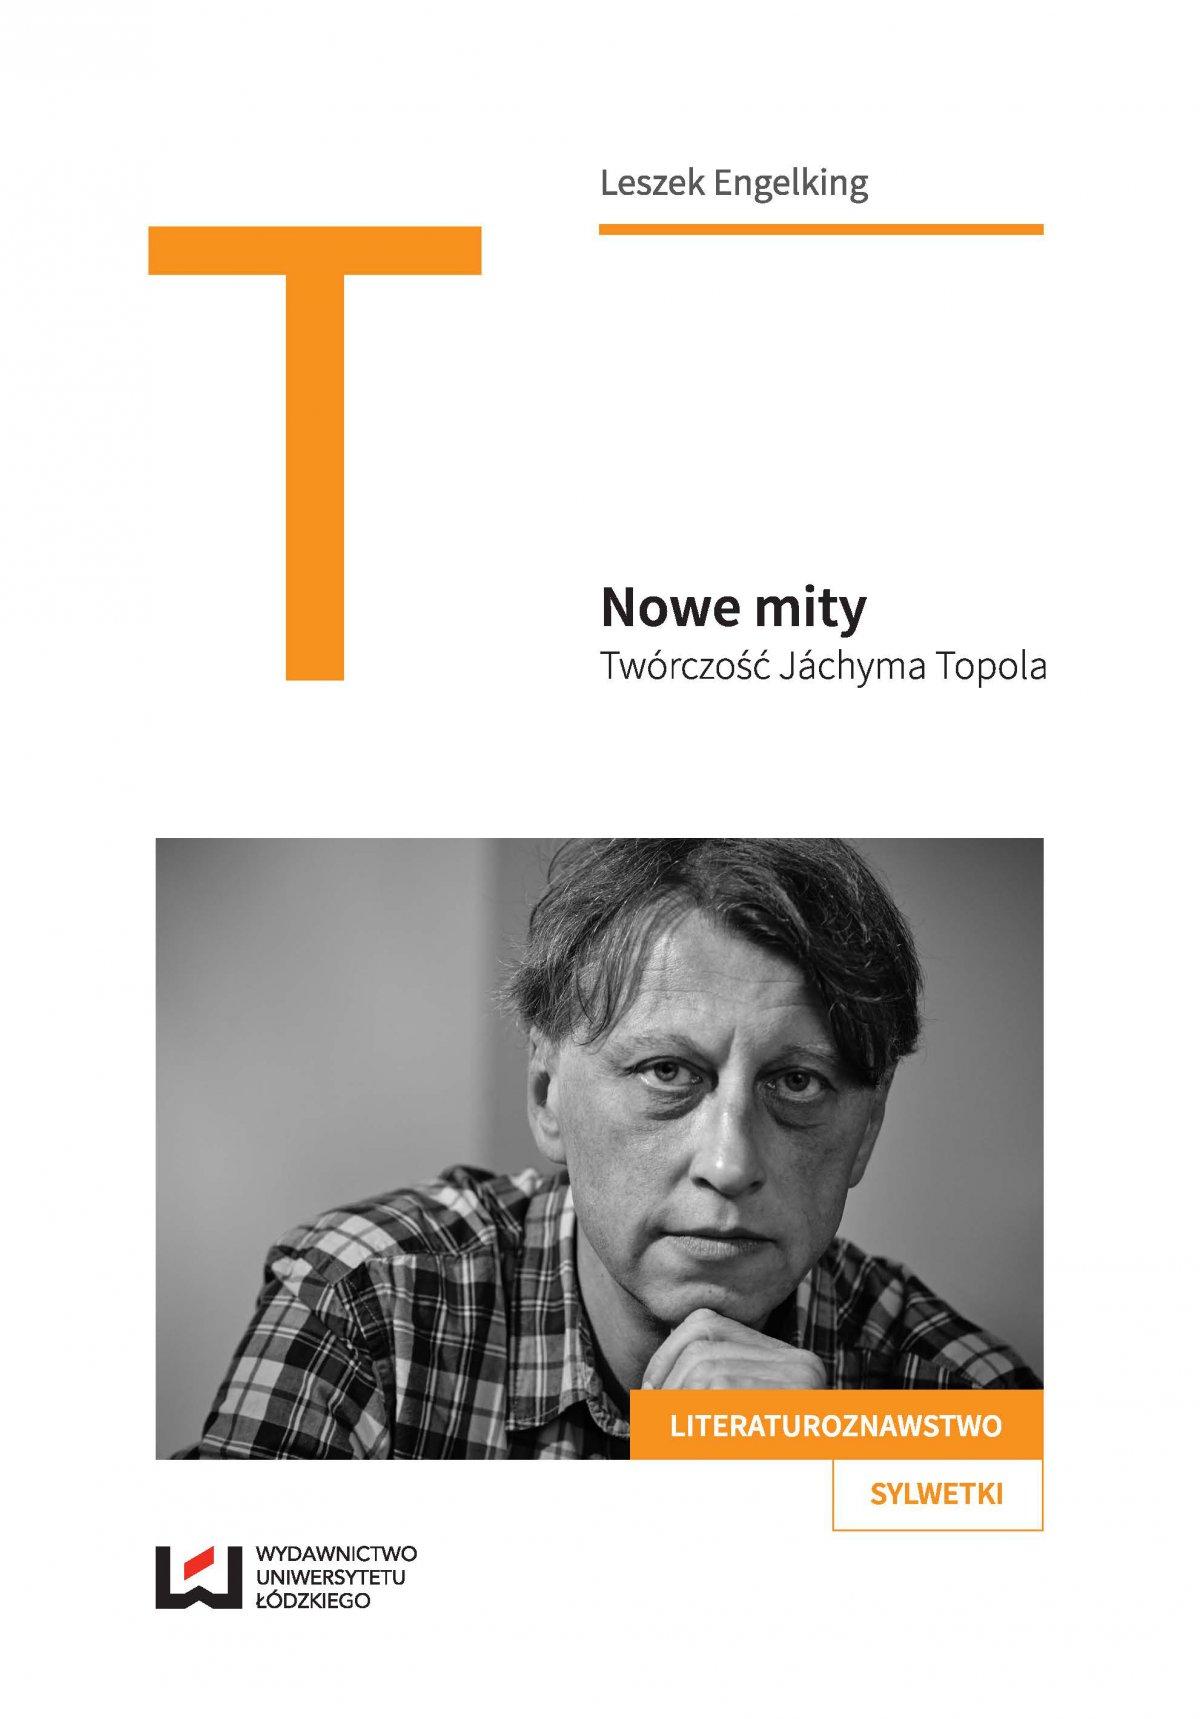 Nowe mity. Twórczość Jáchyma Topola - Ebook (Książka EPUB) do pobrania w formacie EPUB